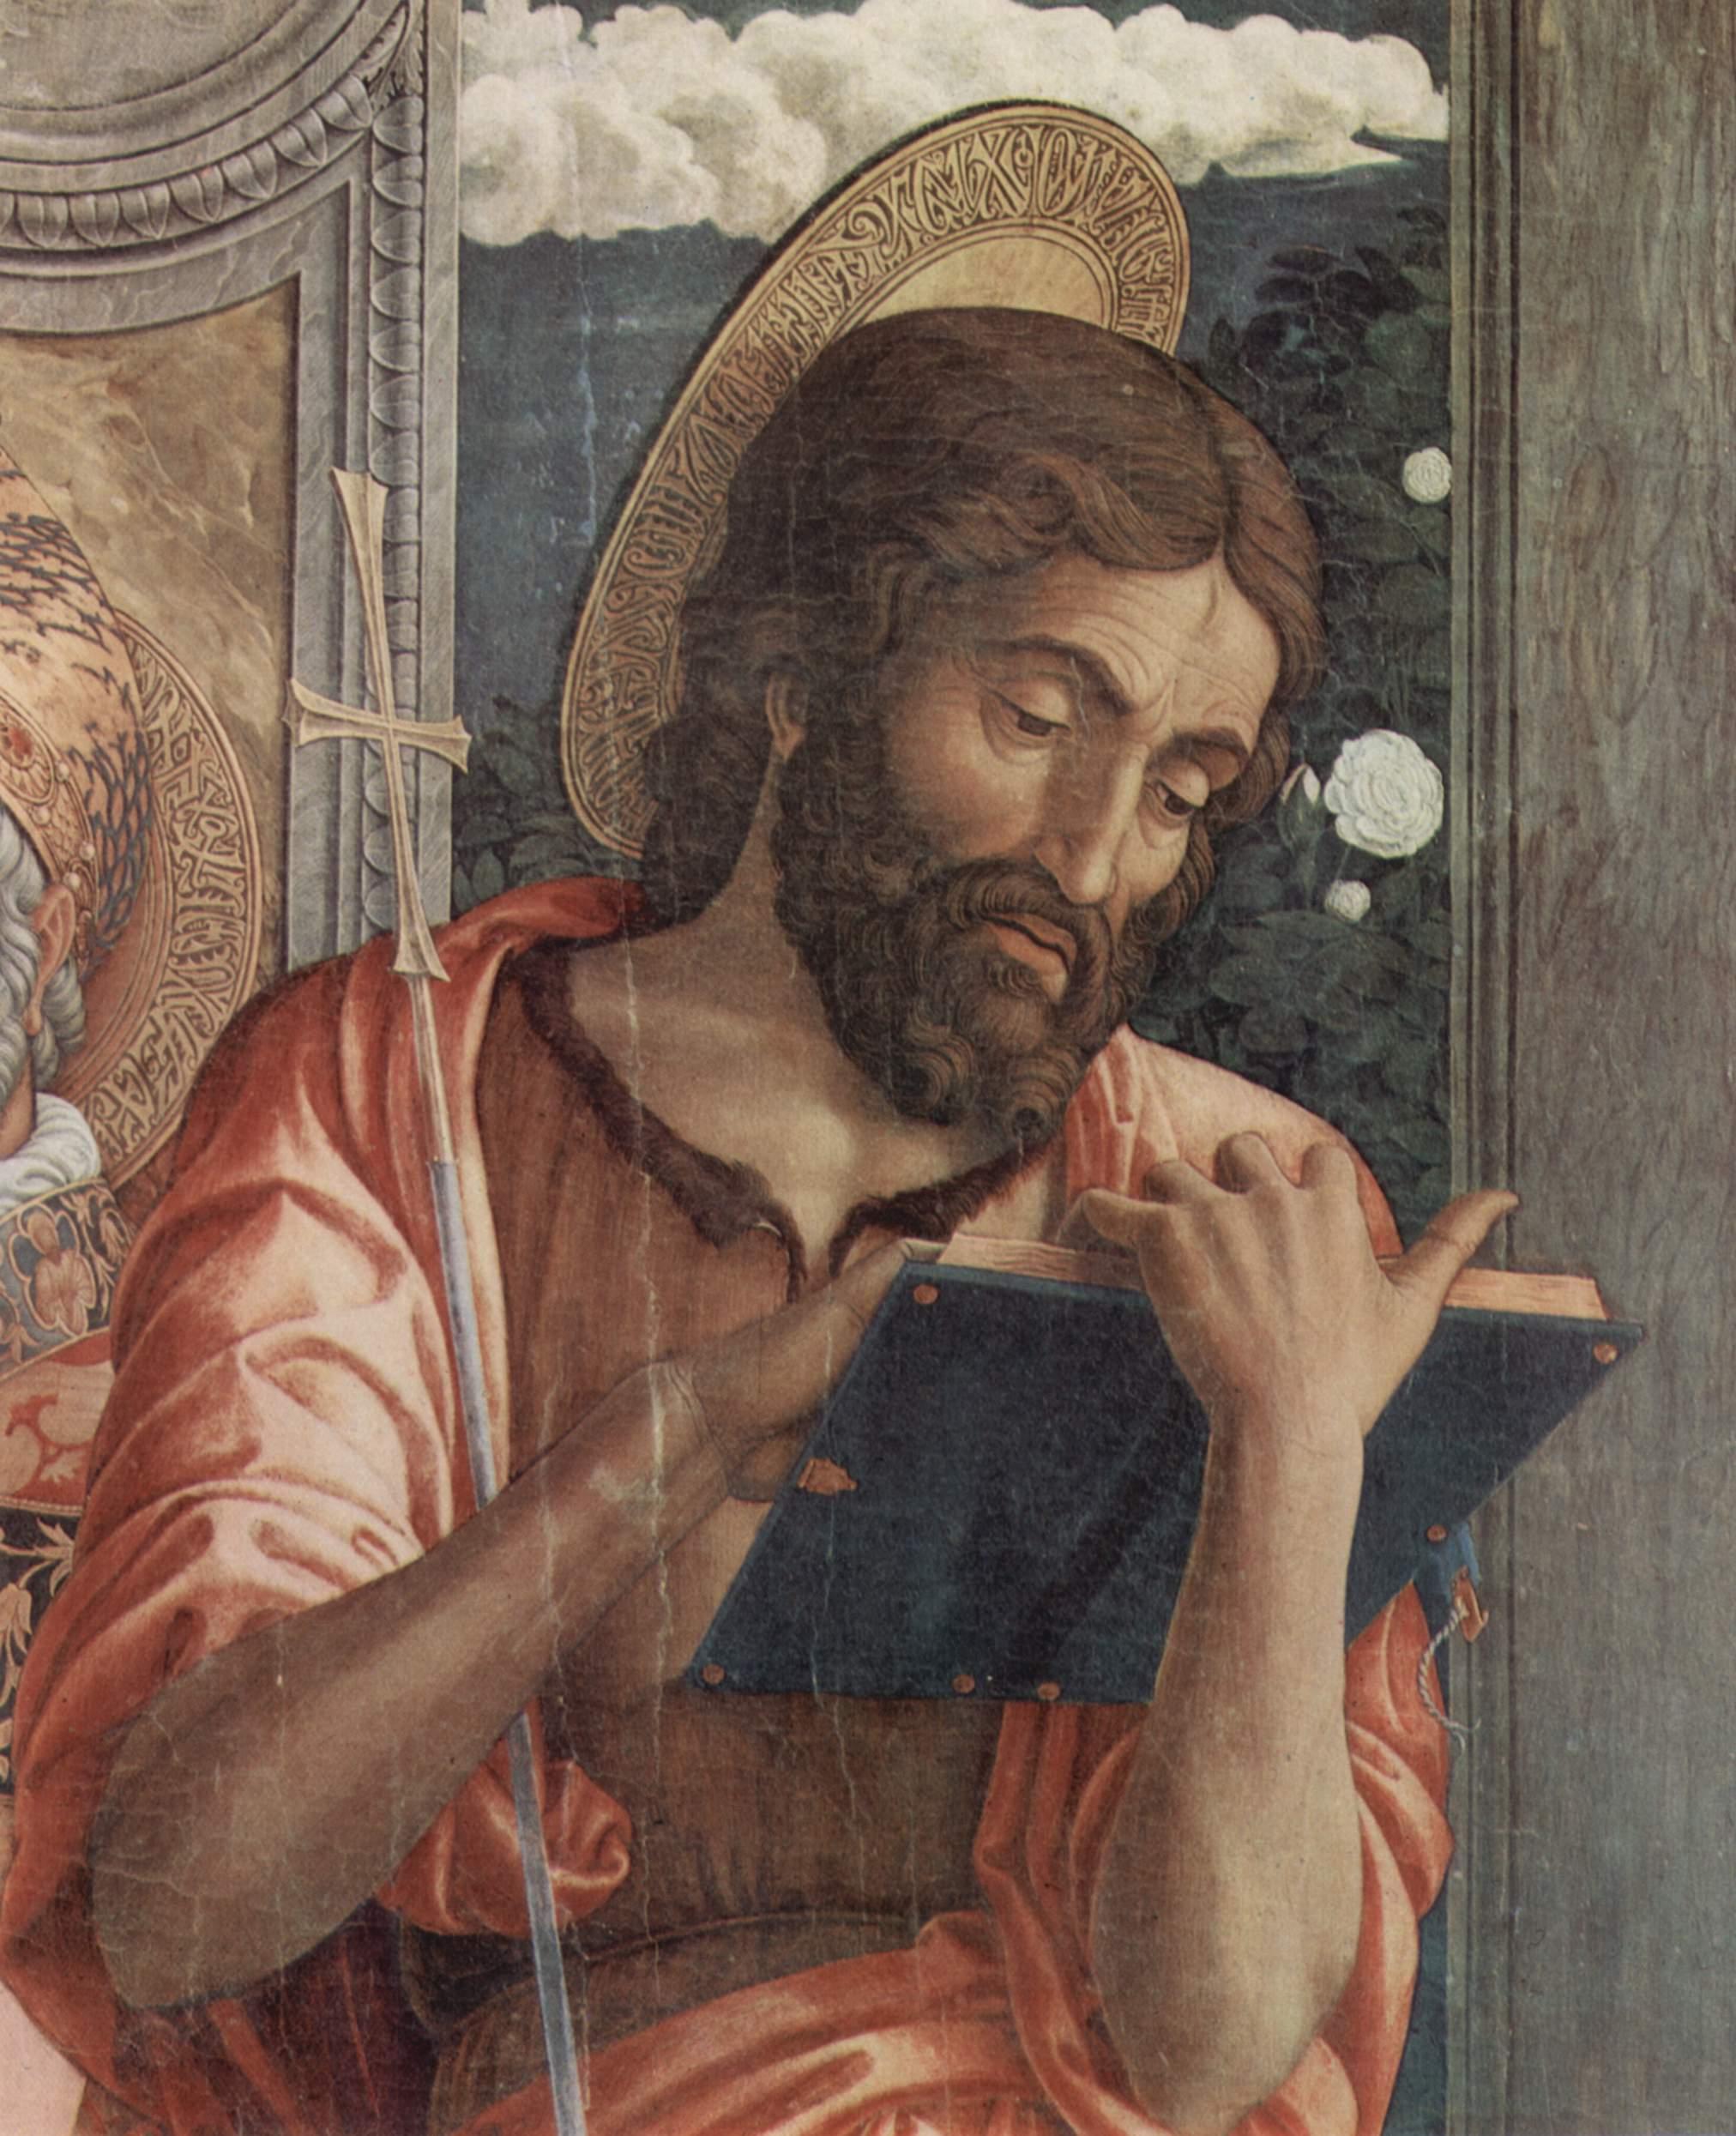 Dettaglio del San Giovanni Battista